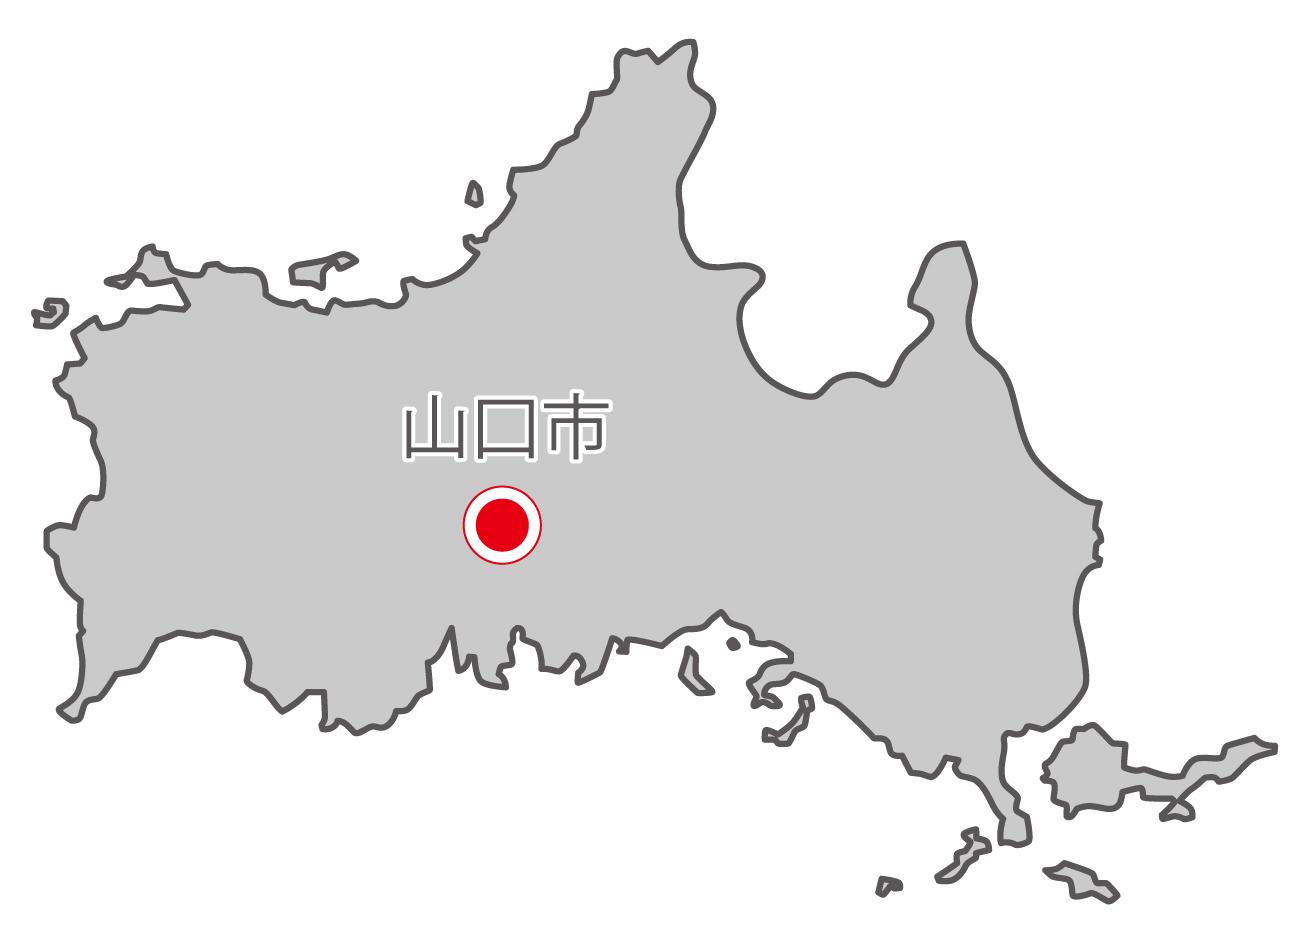 山口県無料フリーイラスト|日本語・県庁所在地あり(グレー)